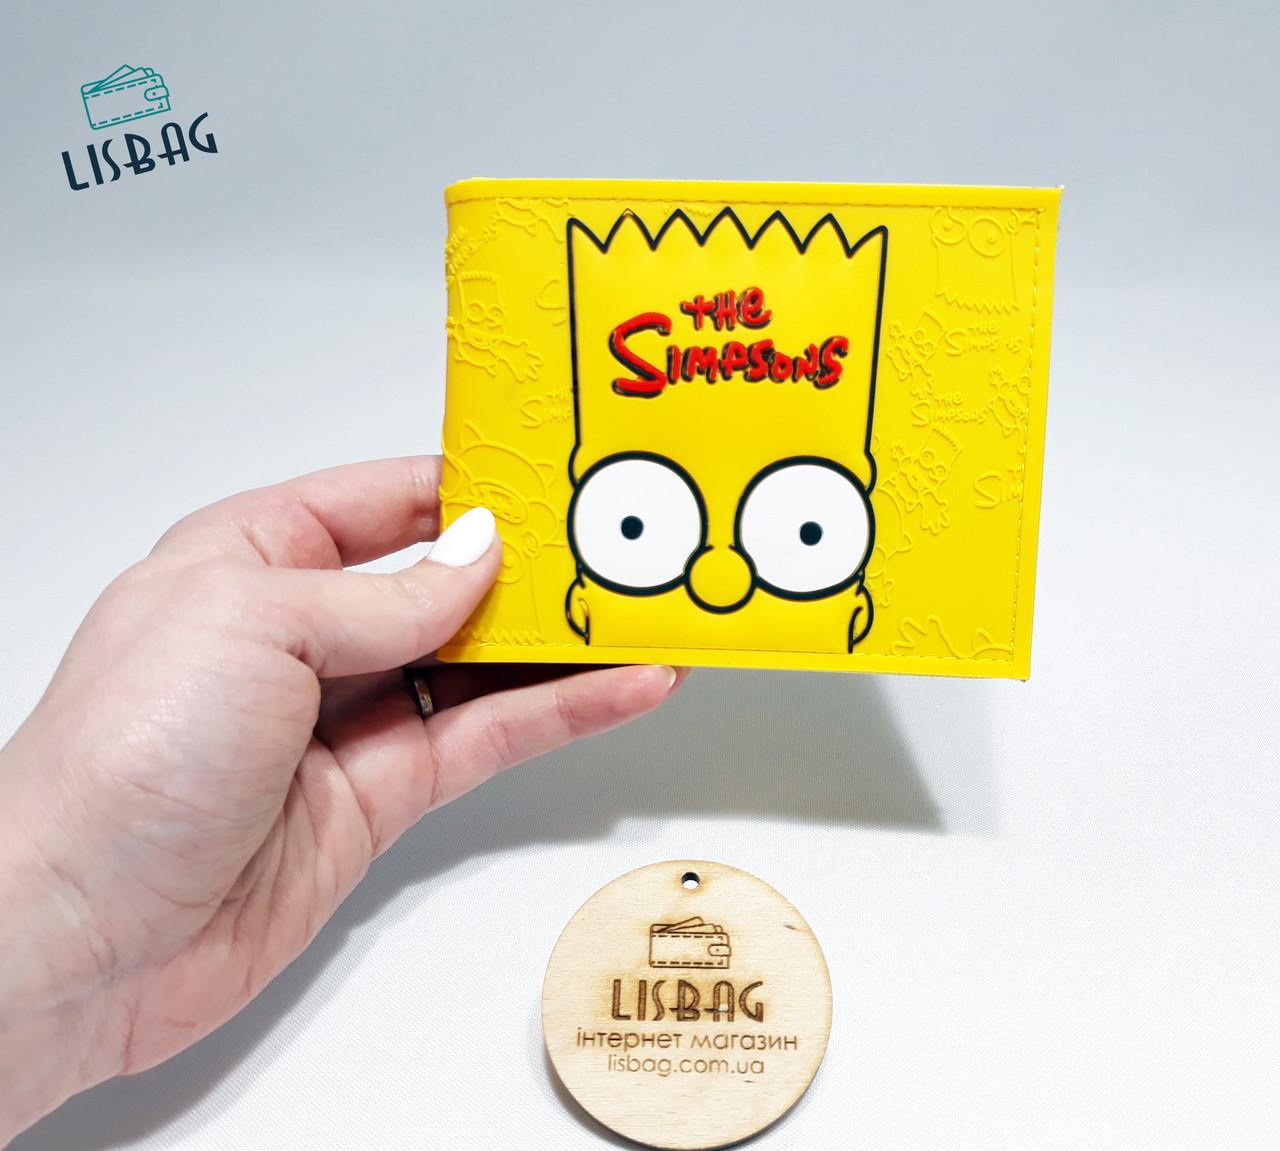 e9ee71c2d62c Кошелек Барт Симпсон Simpsons желтый (с отделом для мелочи): продажа ...